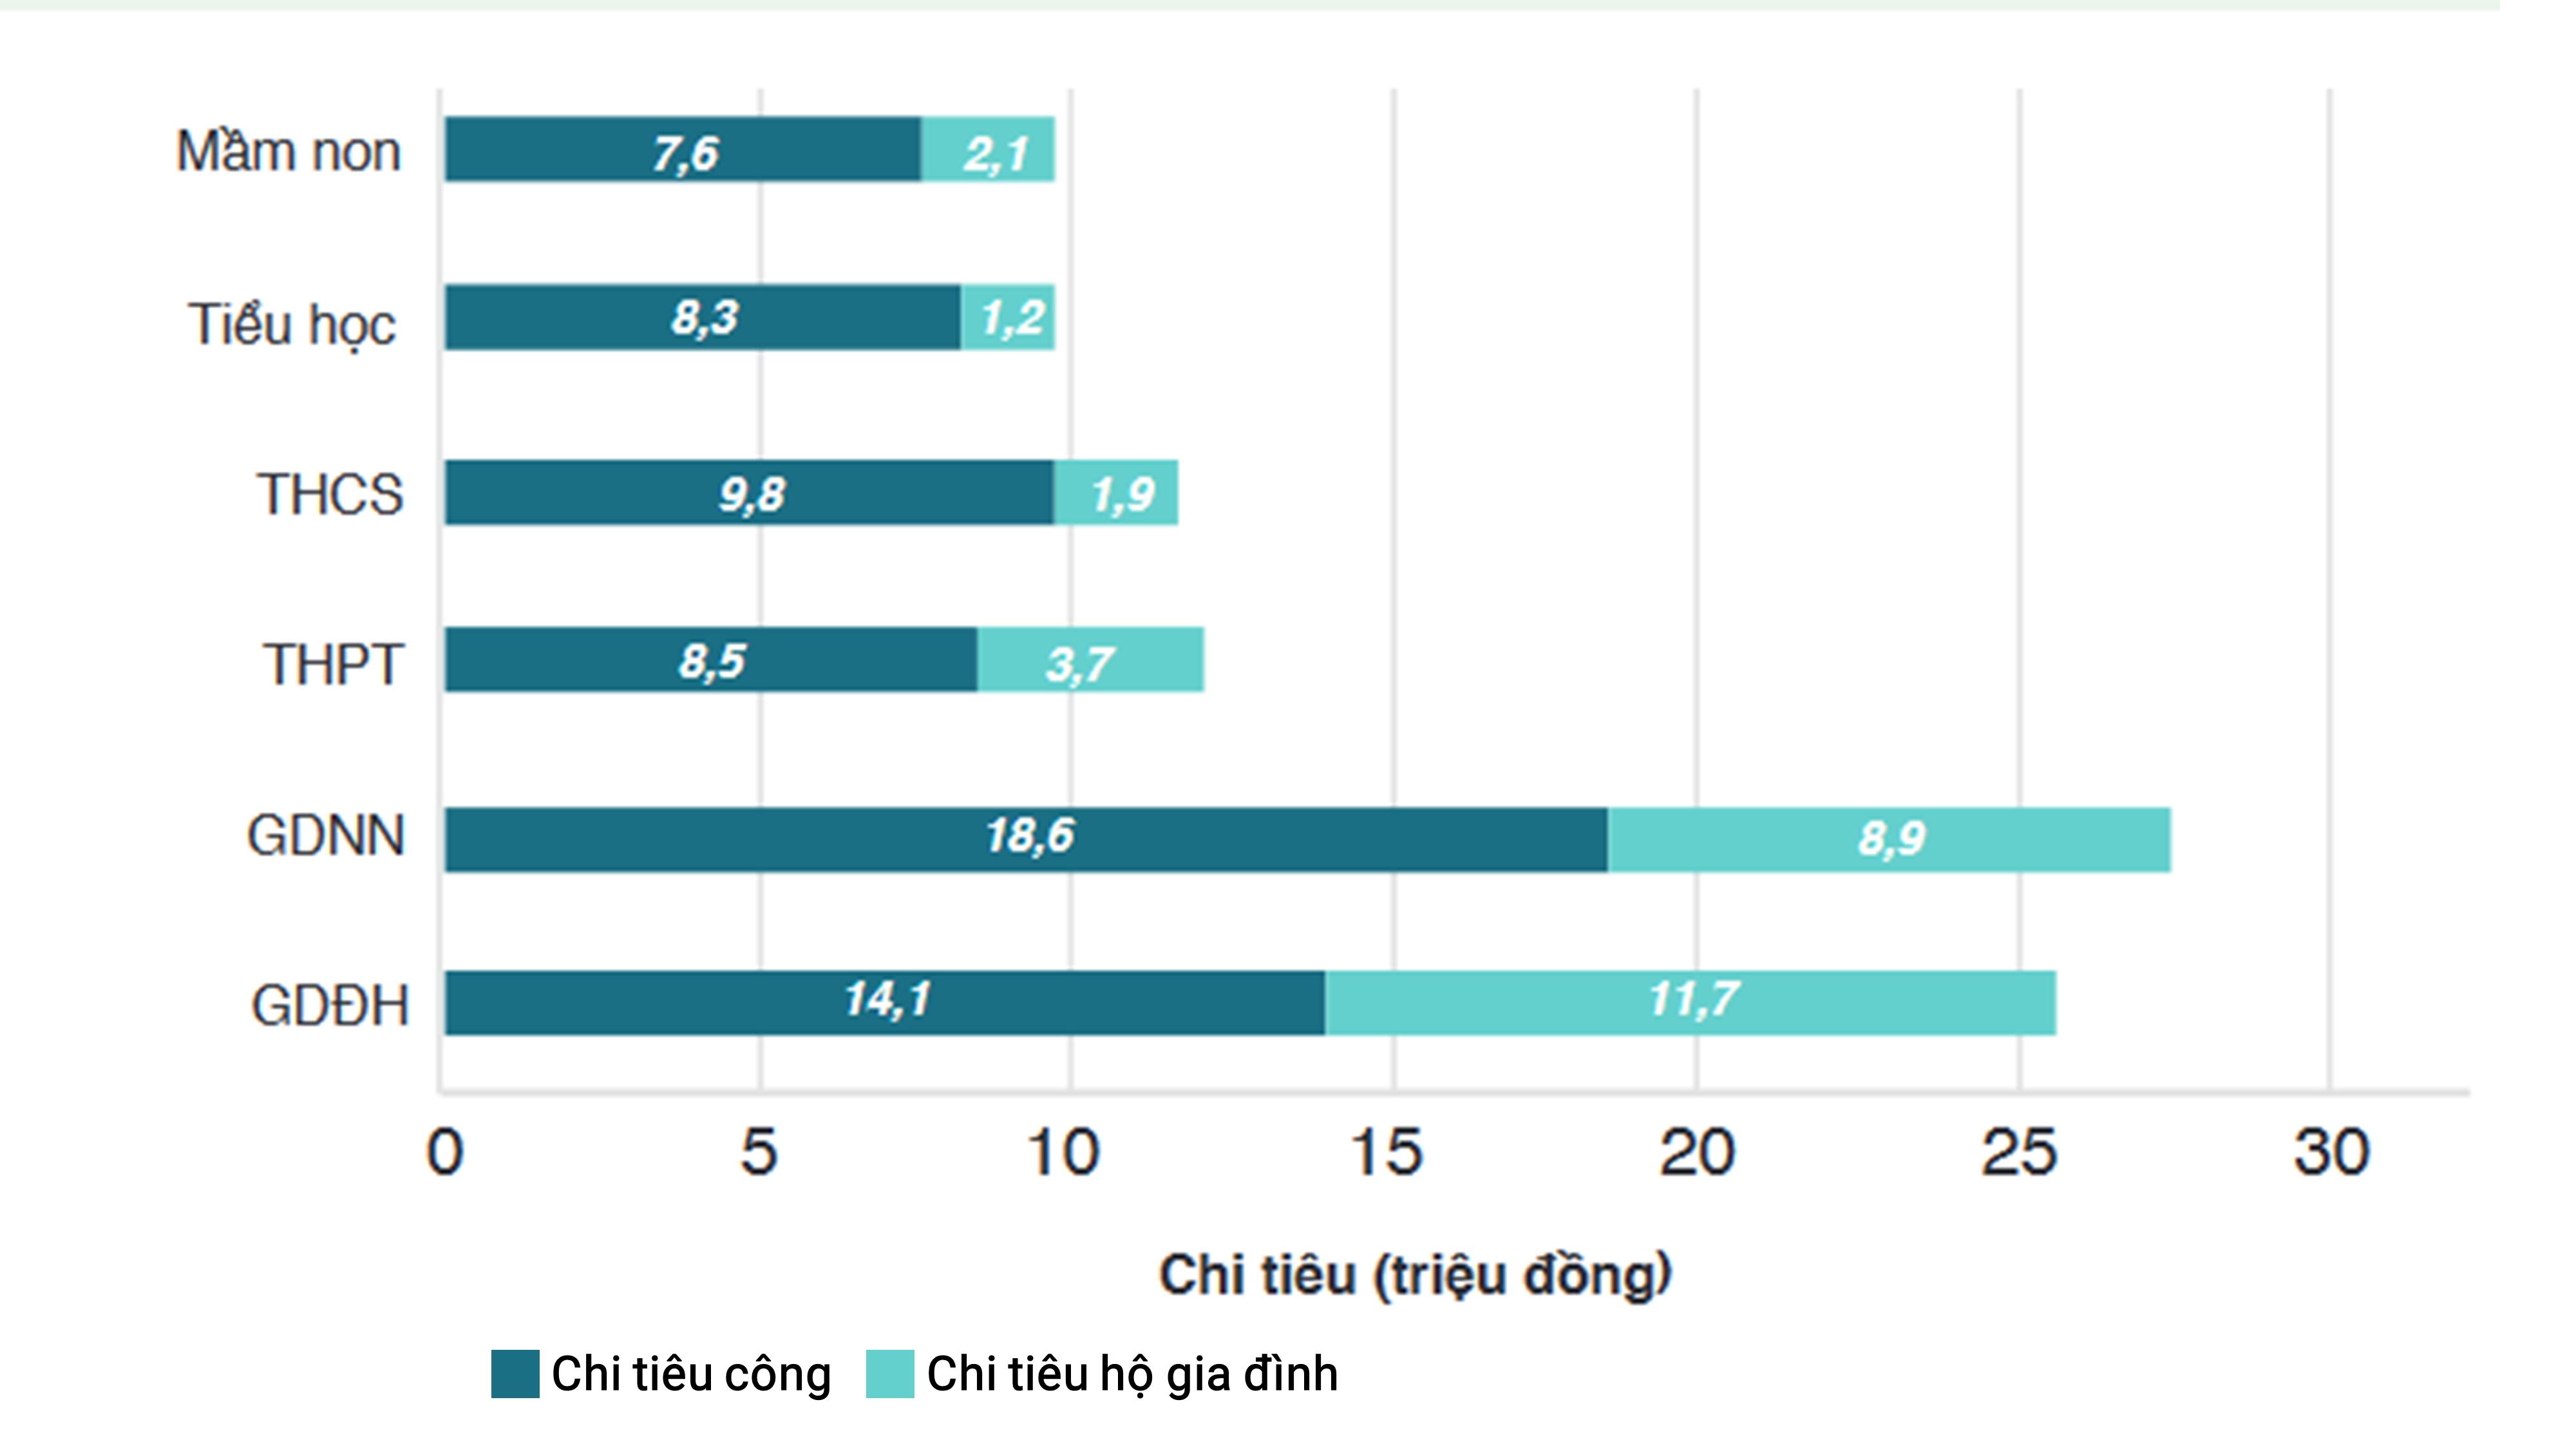 Mức chi tiêu cho giáo dục theo bậc học và nguồn kinh phí năm 2013. Nguồn: Tổng cục Thống kê